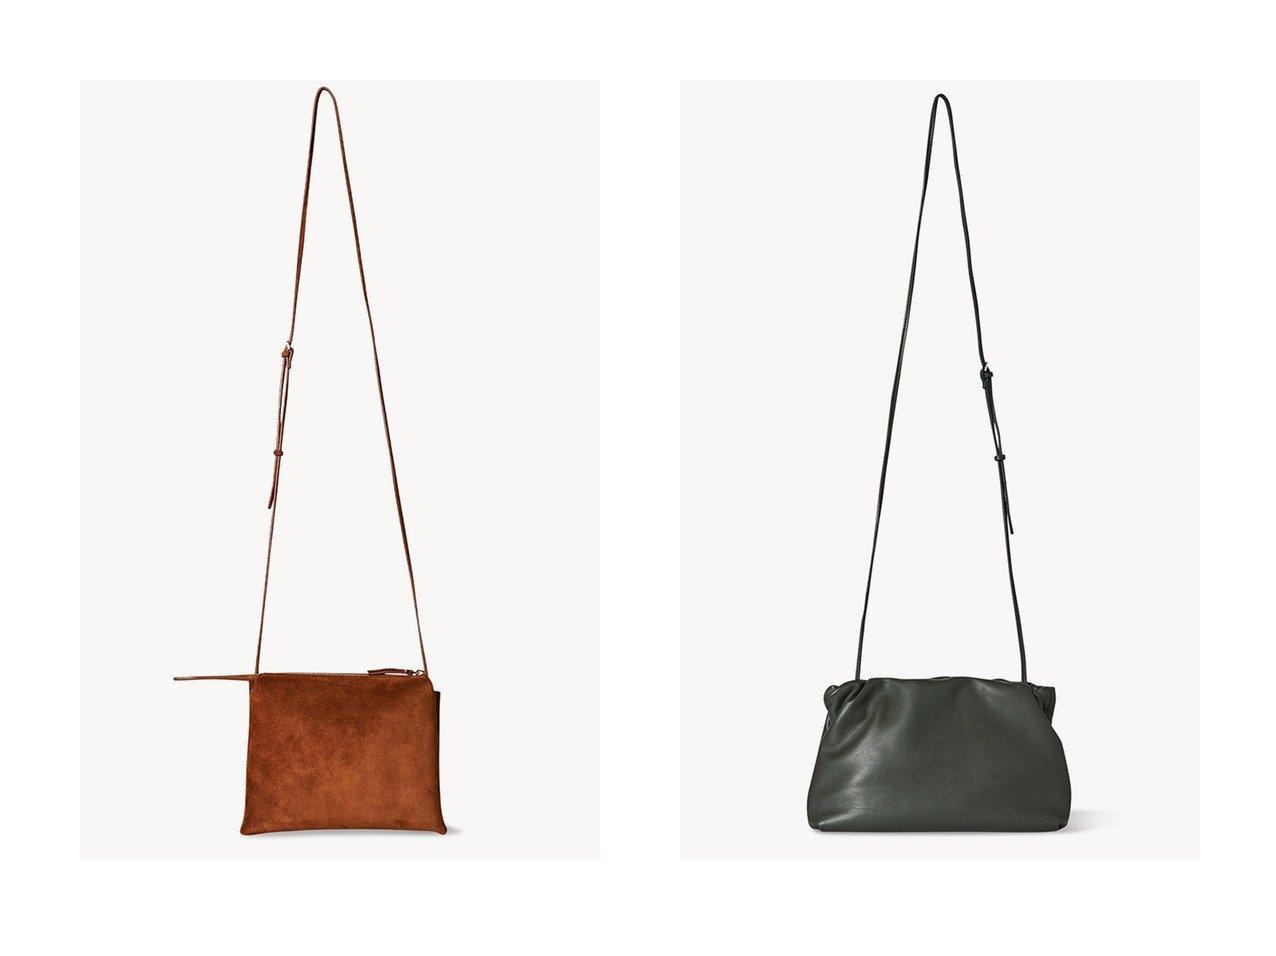 【THE ROW/ザ ロウ】のBOURSE 2wayクラッチバッグ&NU MINI TWIN スエードショルダーバッグ 【バッグ・鞄】おすすめ!人気、トレンド・レディースファッションの通販 おすすめで人気の流行・トレンド、ファッションの通販商品 インテリア・家具・メンズファッション・キッズファッション・レディースファッション・服の通販 founy(ファニー) https://founy.com/ ファッション Fashion レディースファッション WOMEN バッグ Bag ショルダー スエード ポシェット ロング クラッチ シャーリング フレーム ラップ 春 Spring |ID:crp329100000044104